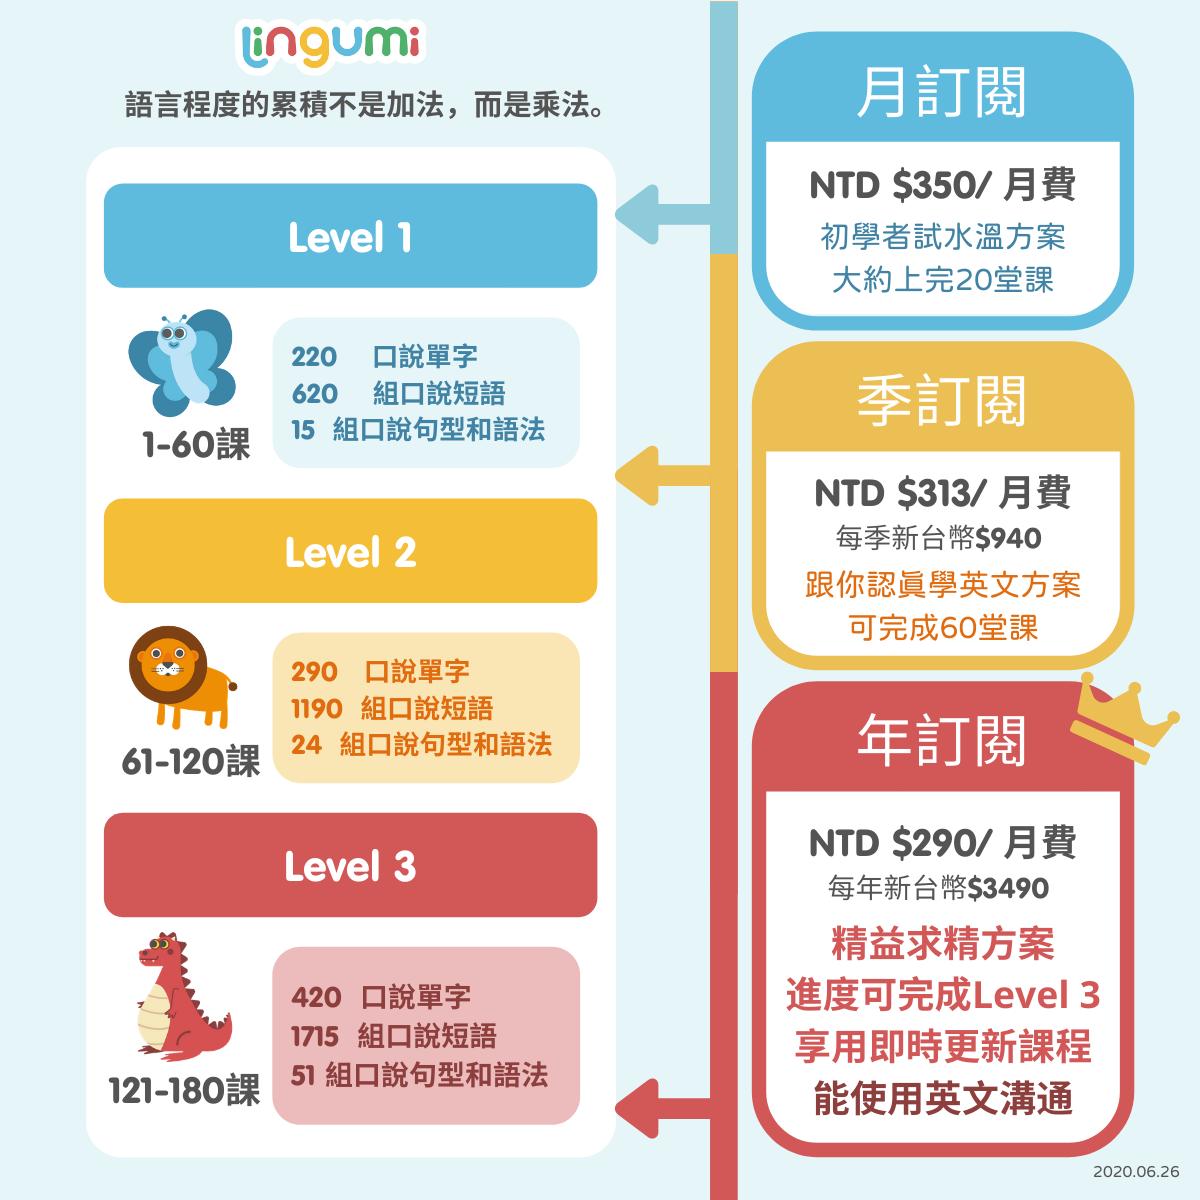 幼兒英語 Lingumi Level 程度